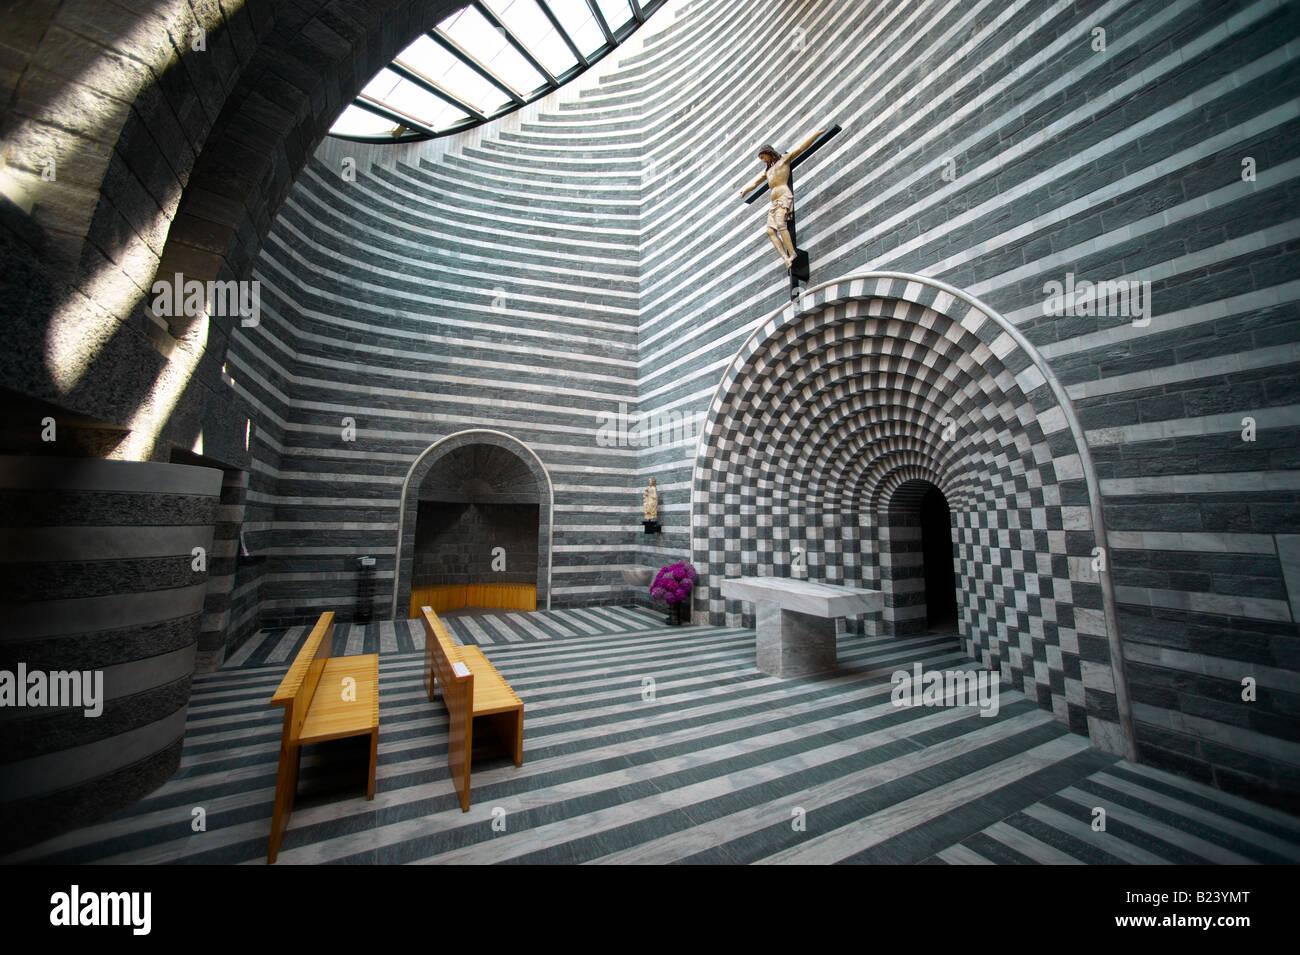 Innenraum der Kirche von St. John The Baptist Mogno Fusio, Gemeinde Lavizzara, Val Maggiore, Tessin, Schweiz Stockfoto